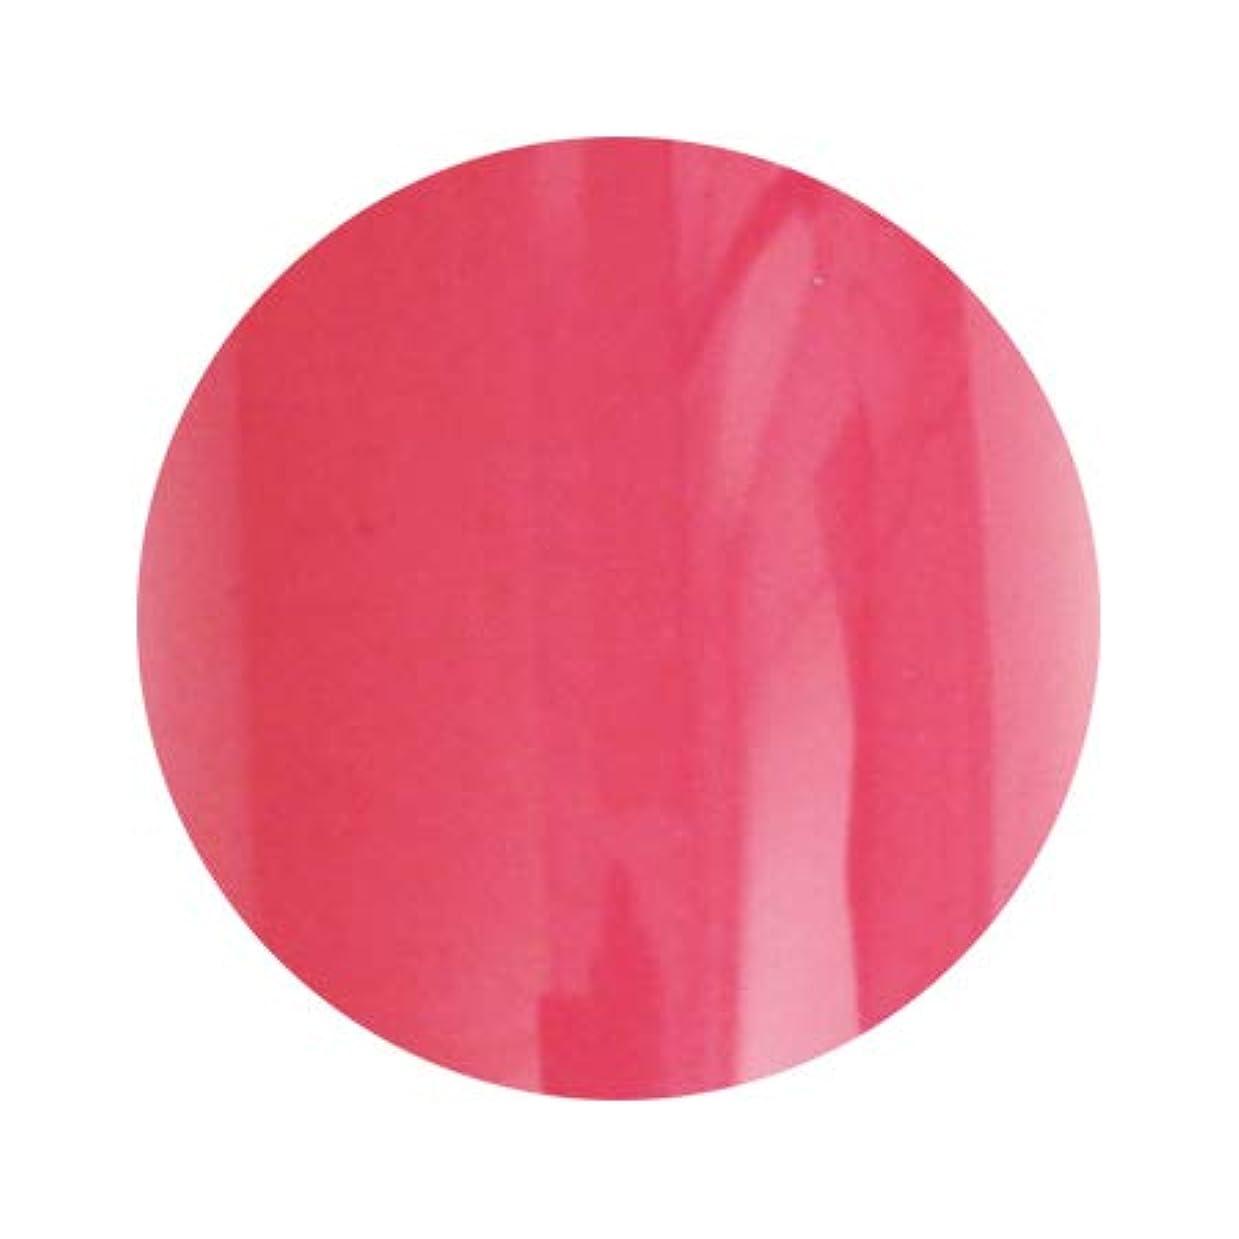 柔らかい足所有者定期的にLUCU GEL ルクジェル カラー REM06 コーラルレッド 3.5g